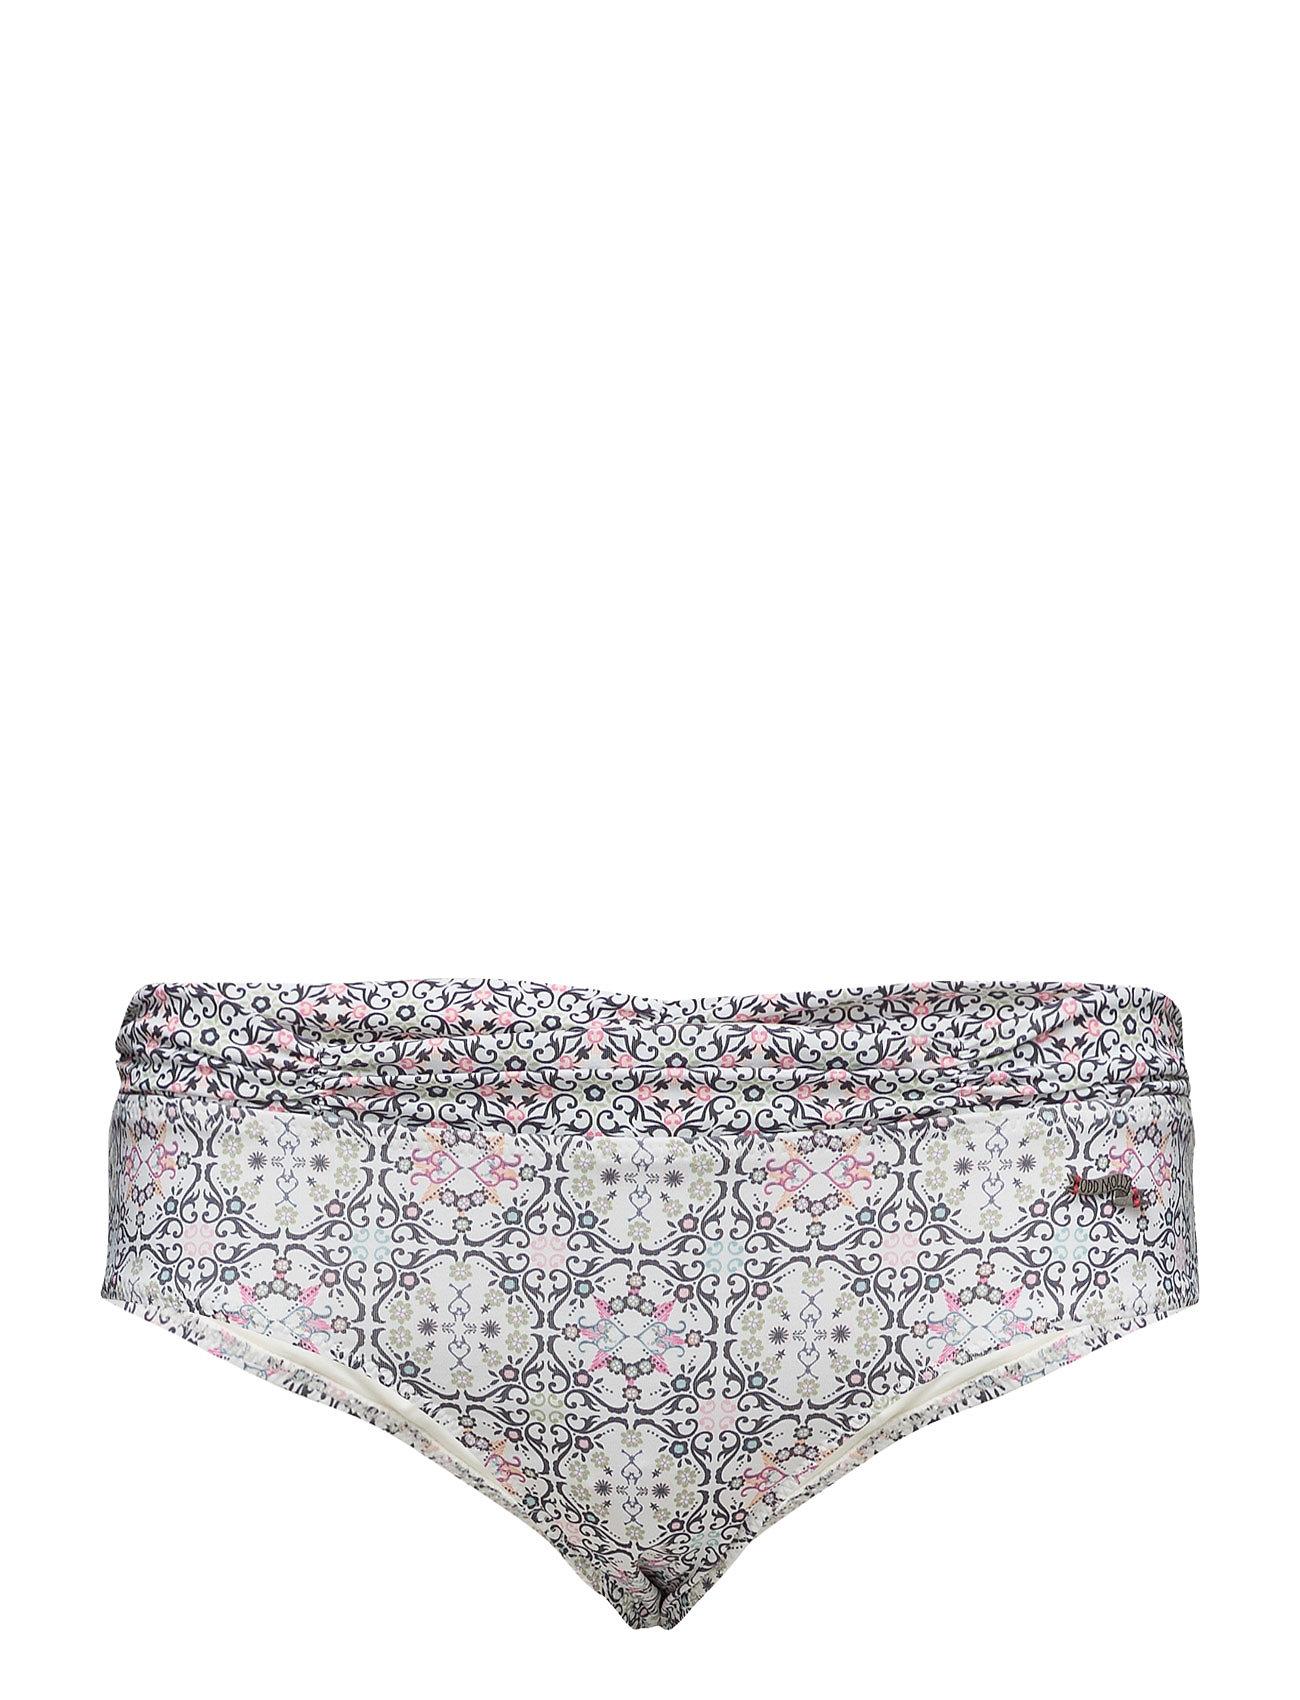 aa7fb0efcd0a1 Seashell Bikini Bottom (Multi) (£29.25) - ODD MOLLY UNDERWEAR ...